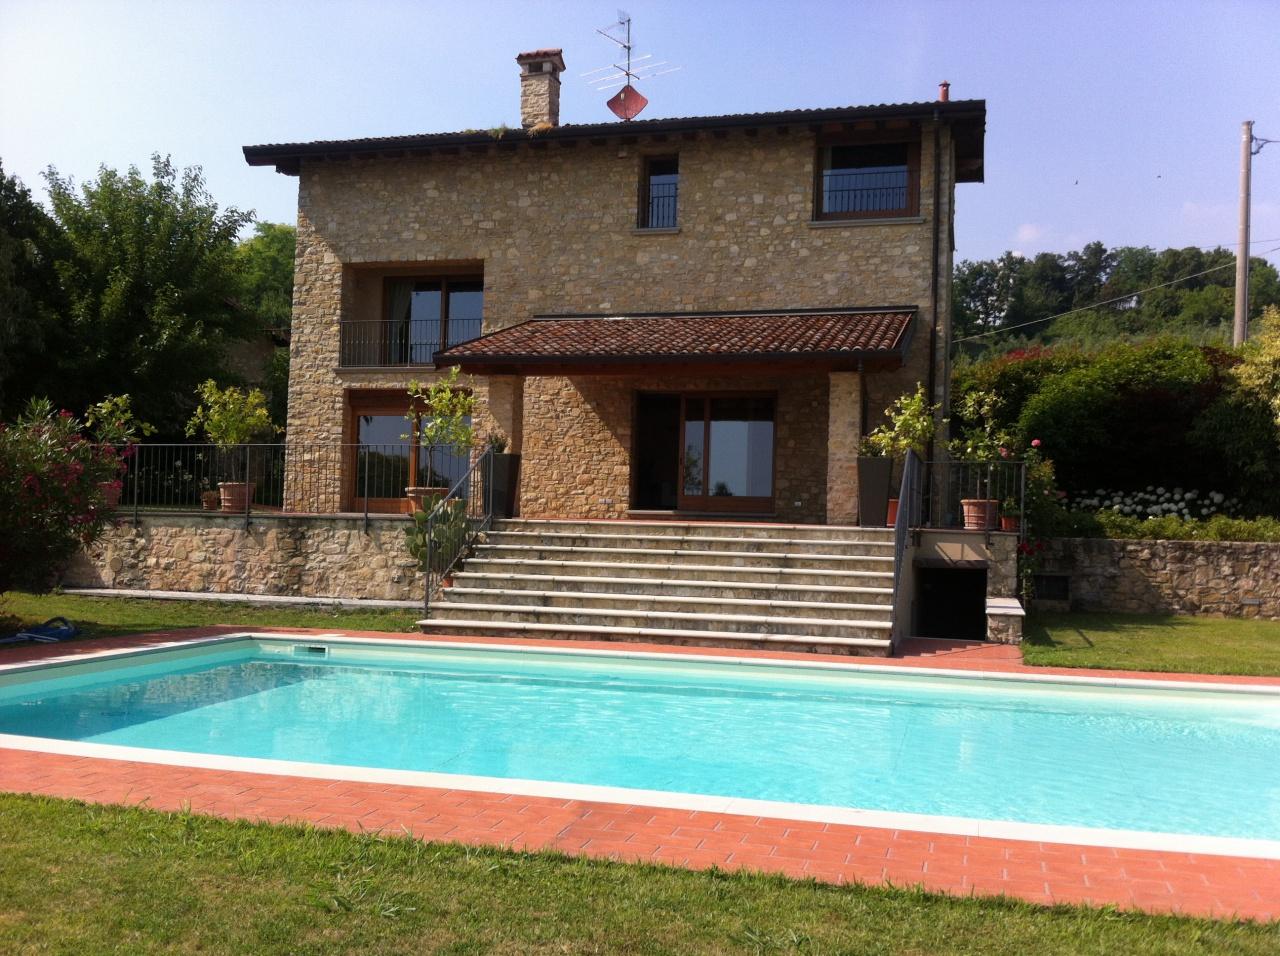 Villa in vendita a Chiuduno, 8 locali, prezzo € 1.460.000 | CambioCasa.it